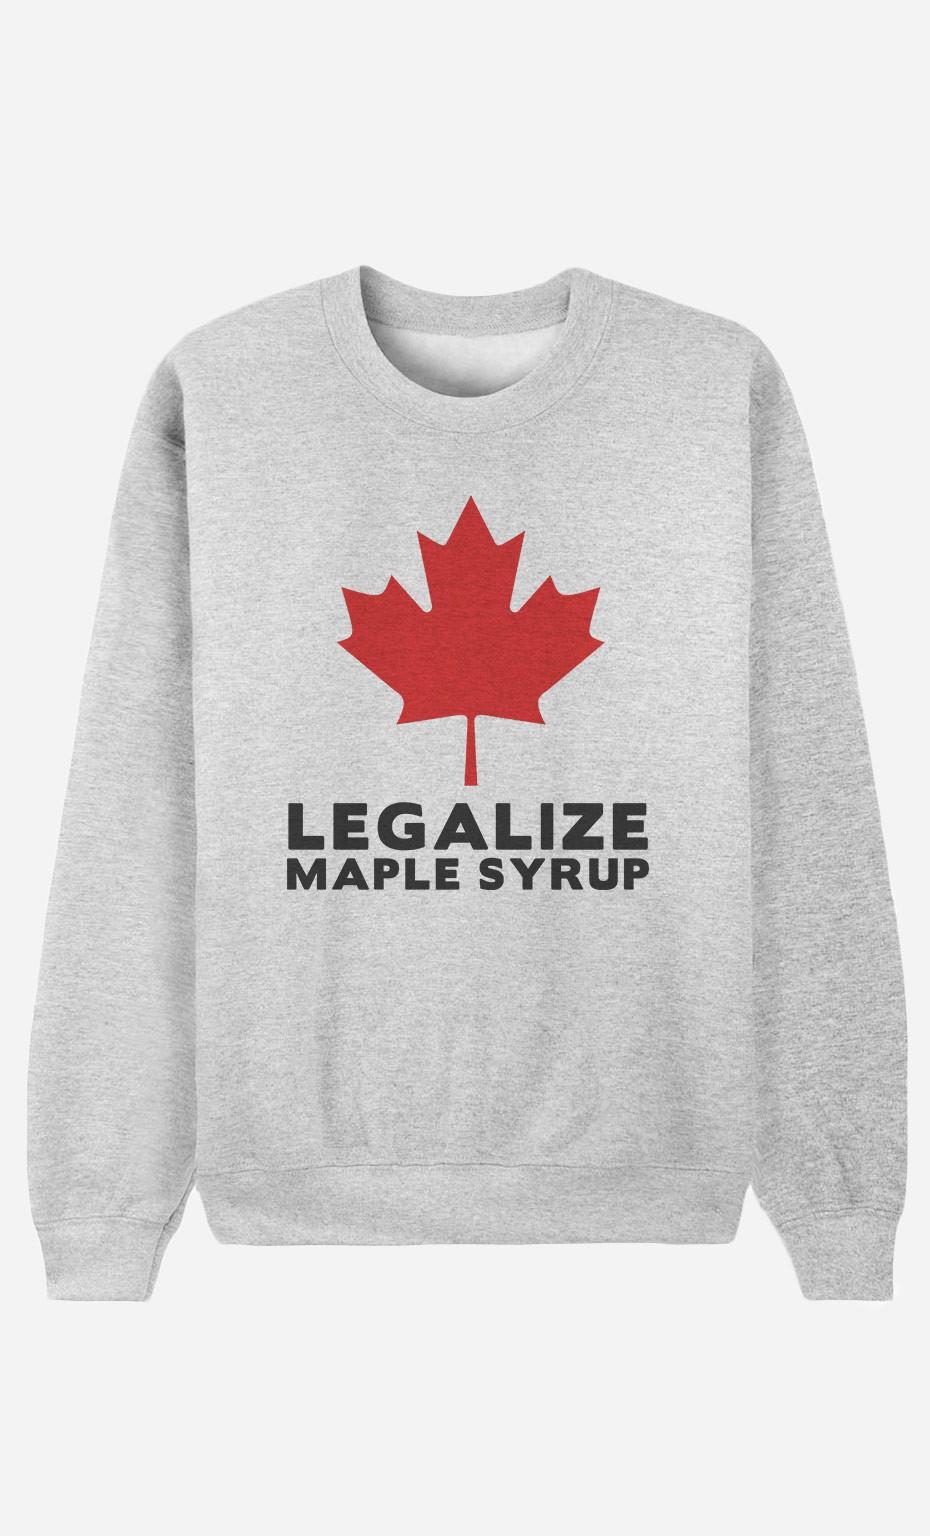 Sweatshirt Canada Legalized